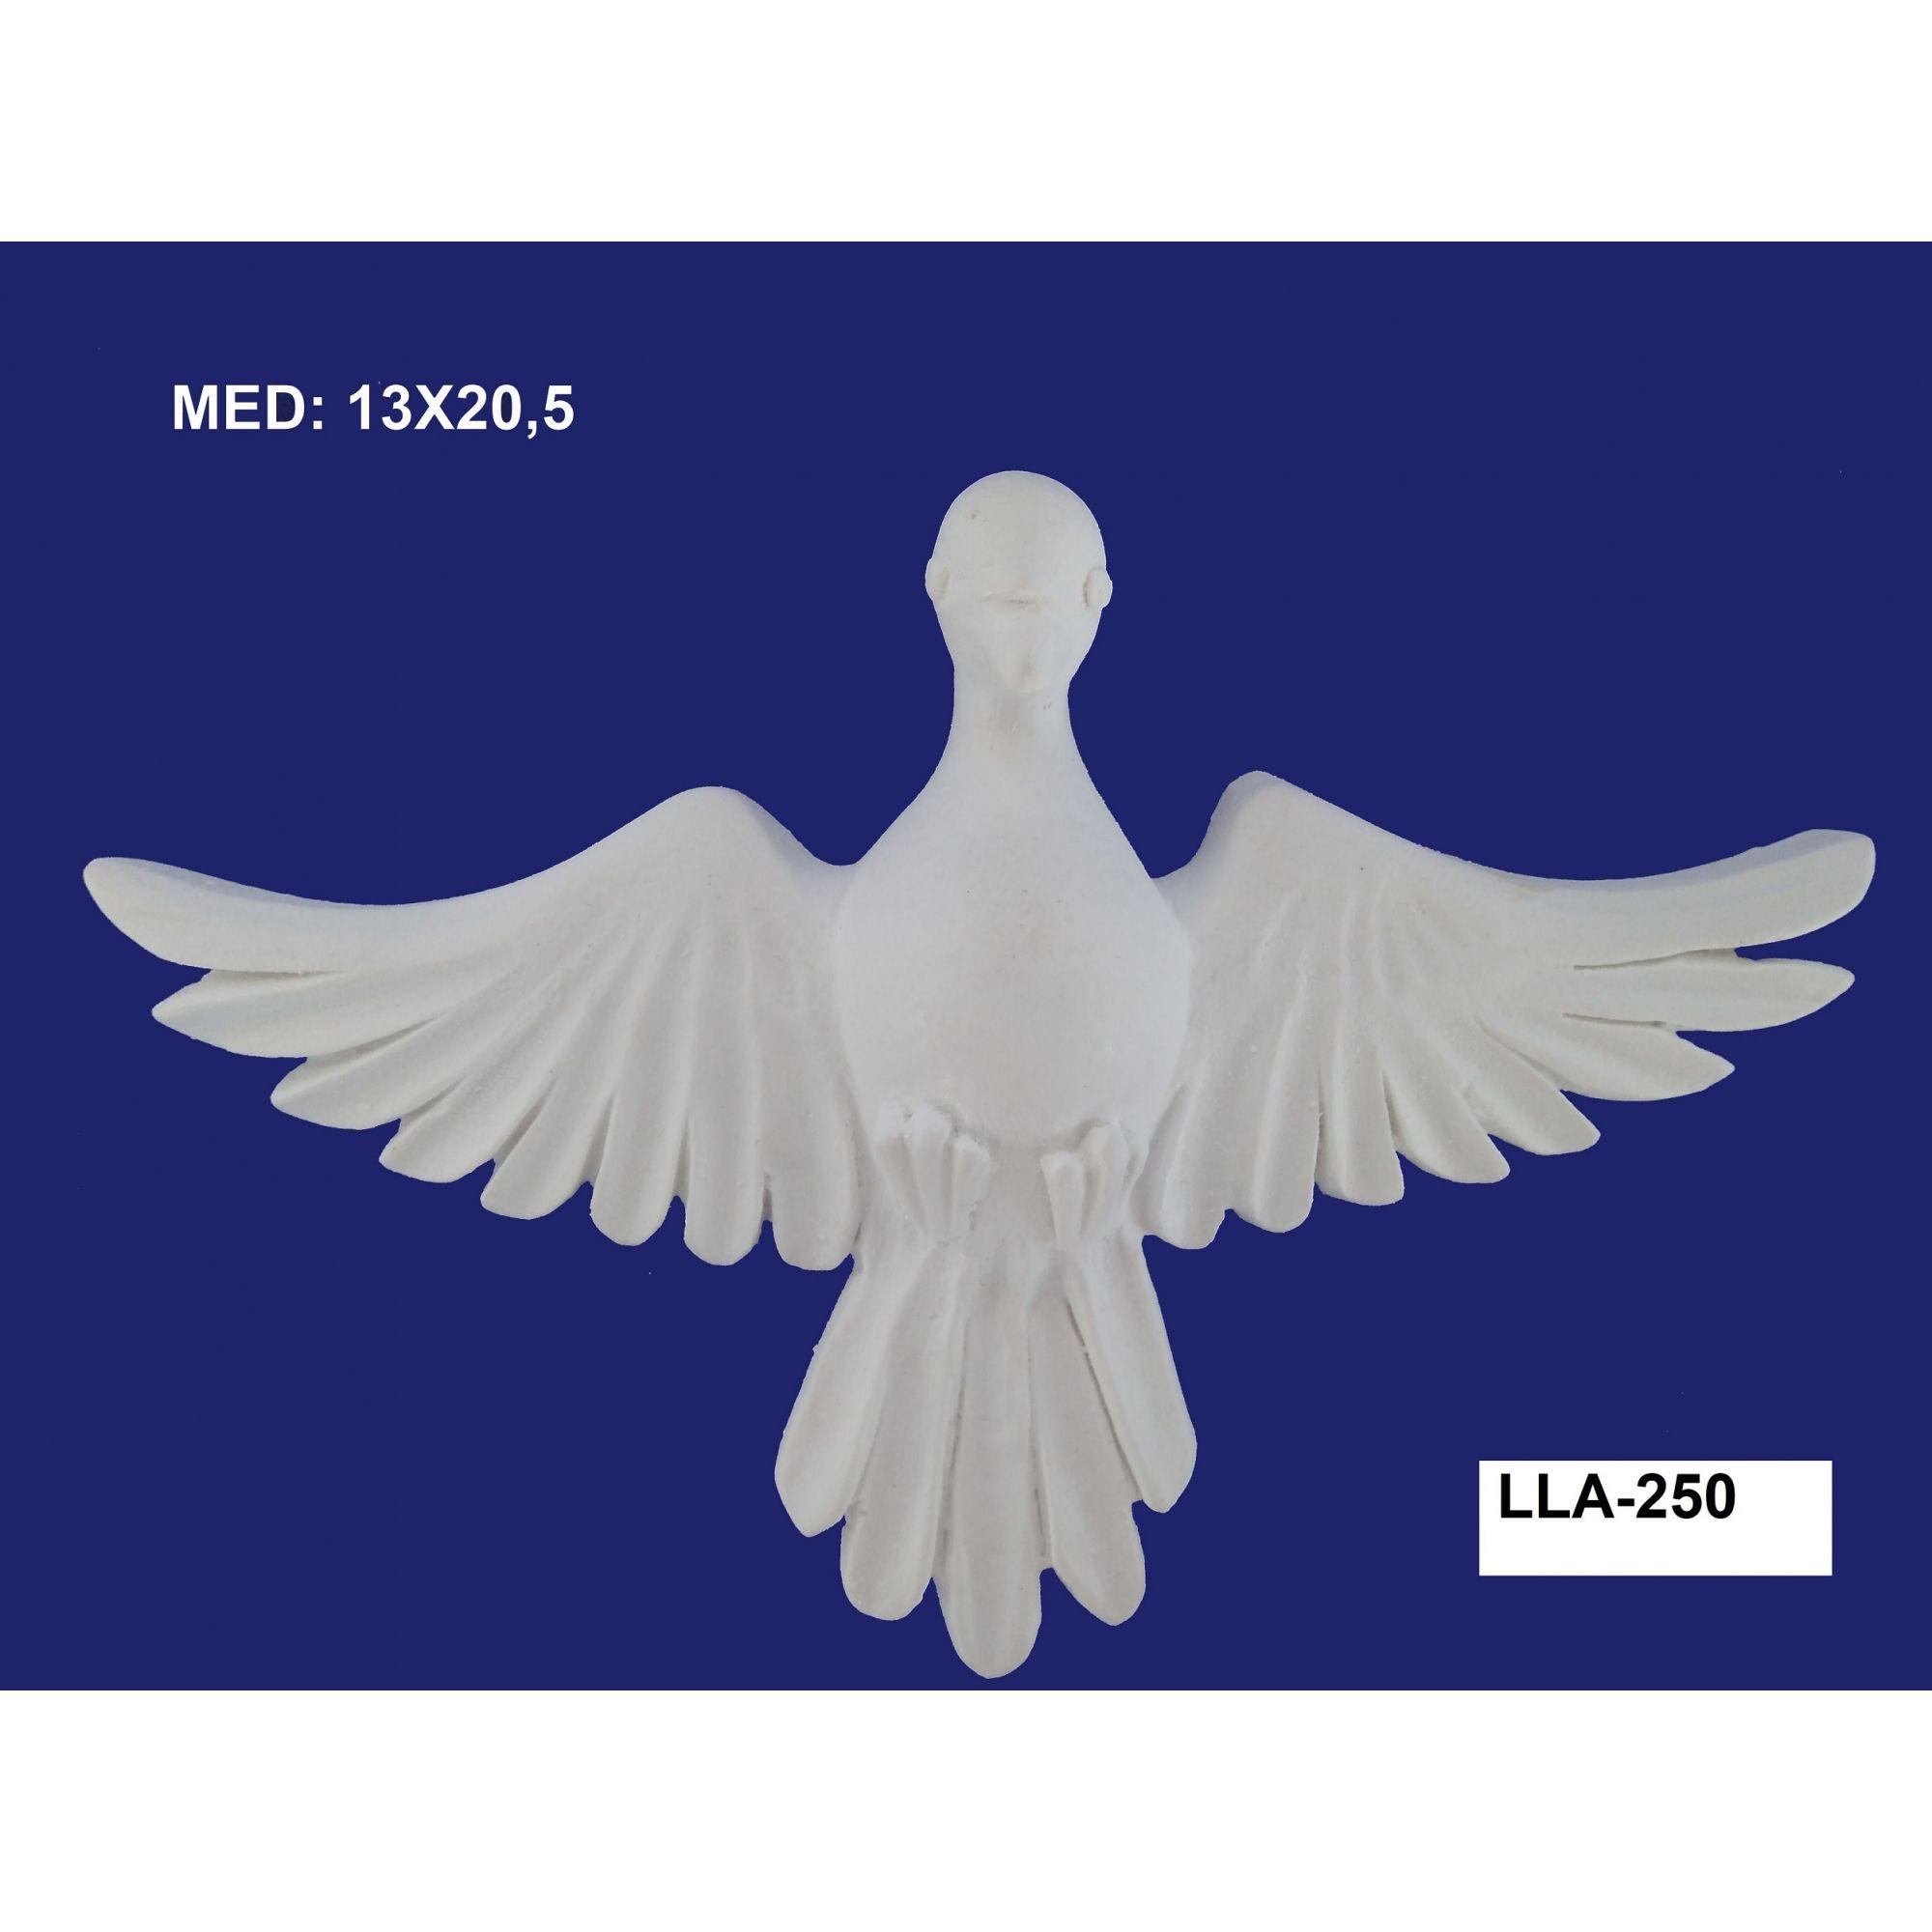 LLA-250 APLIQUE DIVINO 13X20,5CM